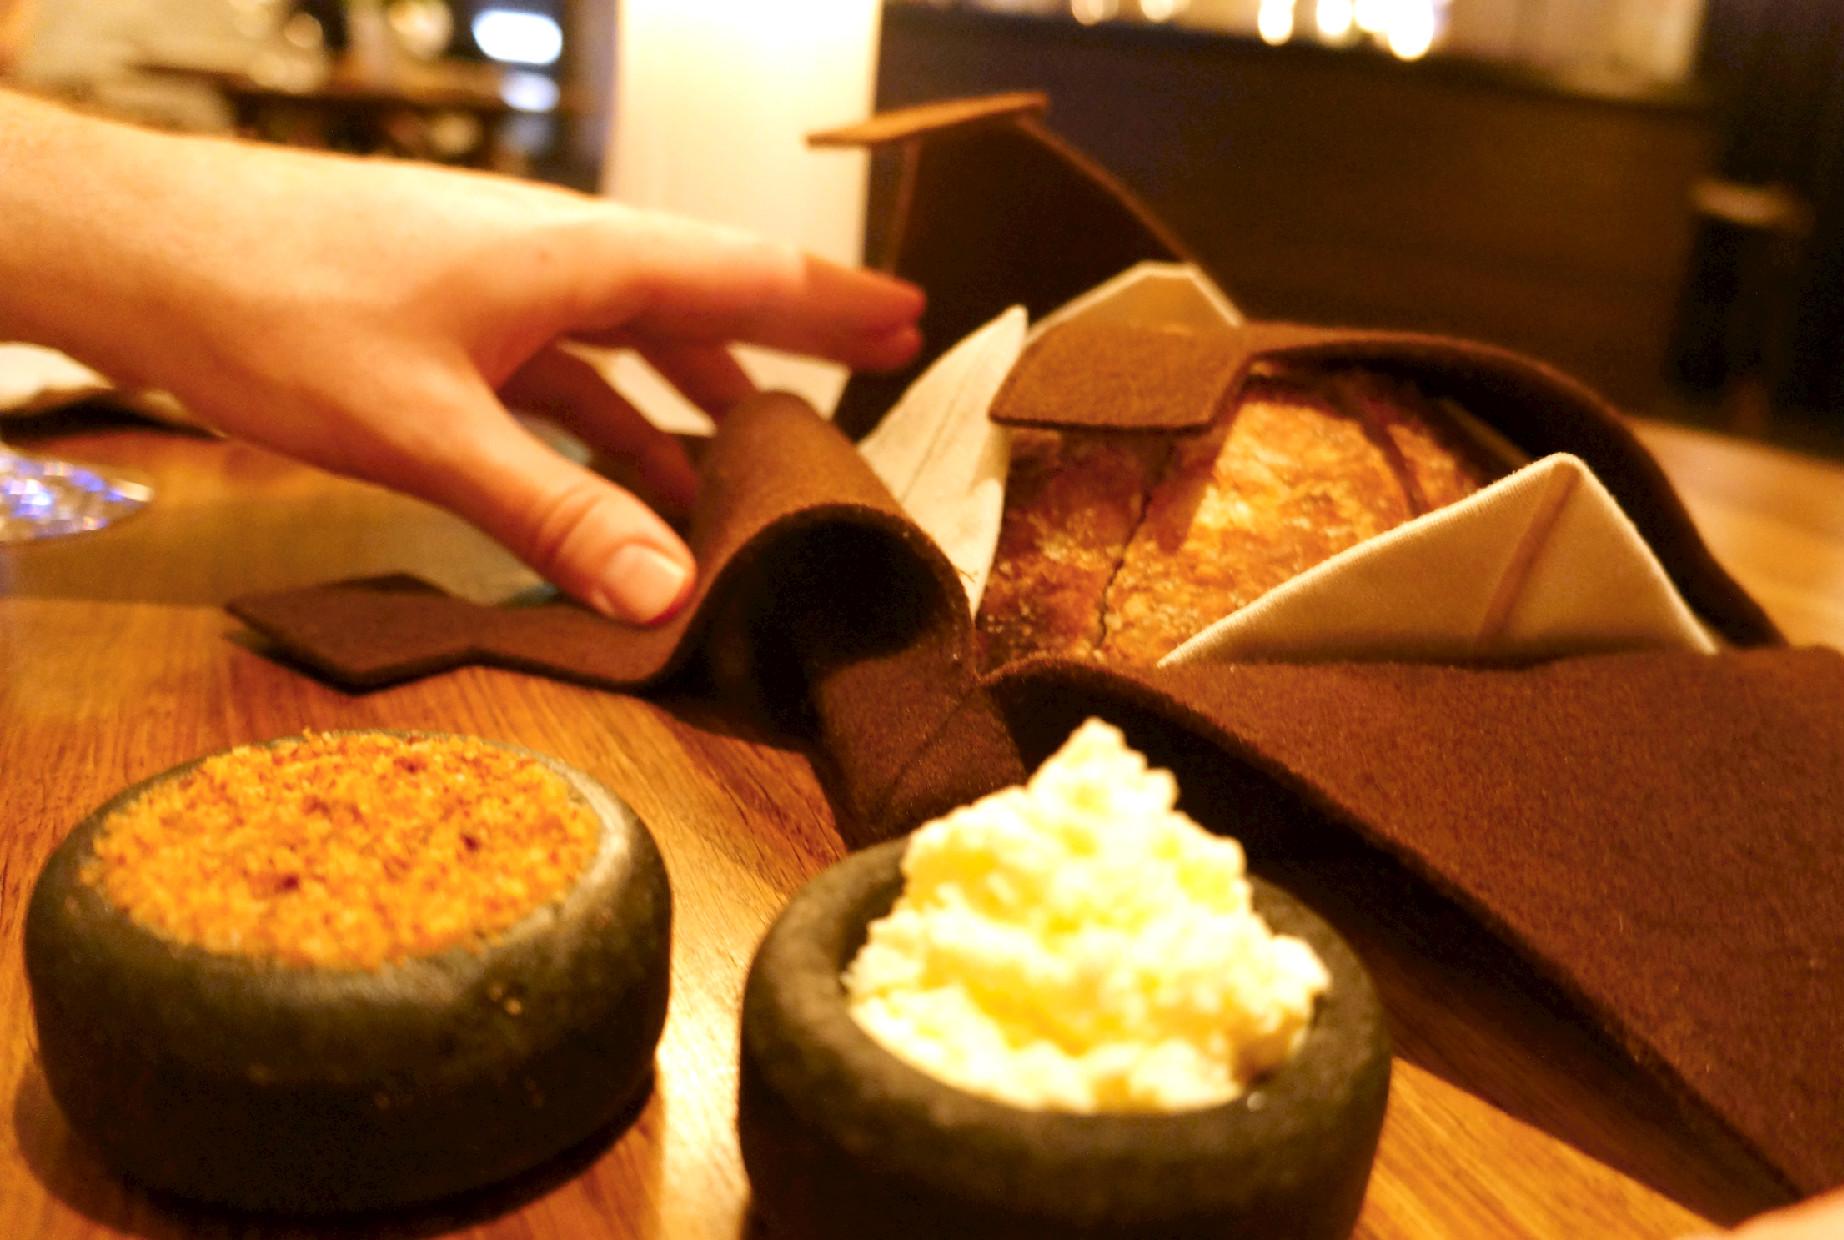 hleb i mast